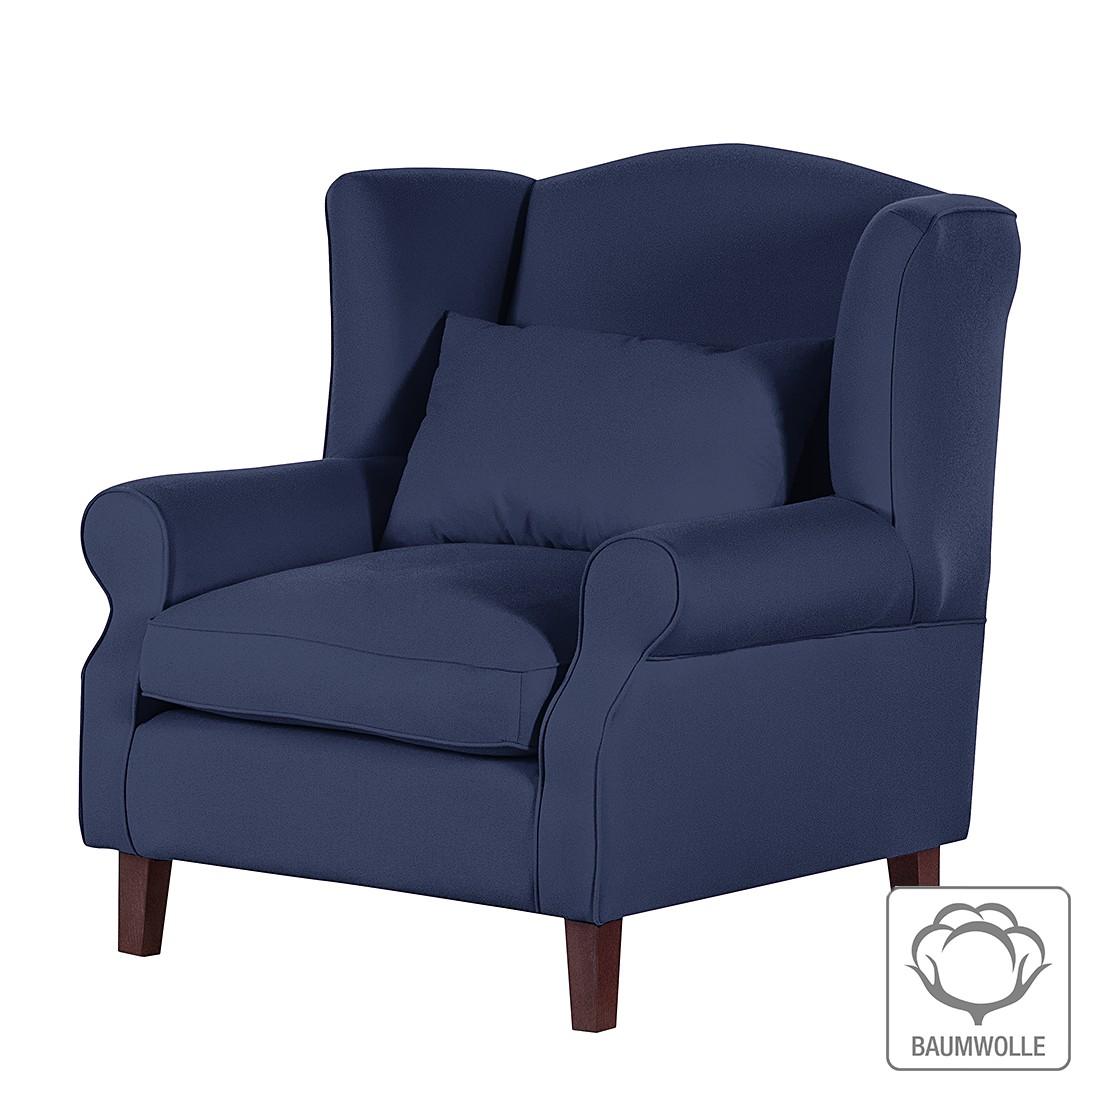 fauteuil oreilles davido tissu en coton gris fonc. Black Bedroom Furniture Sets. Home Design Ideas